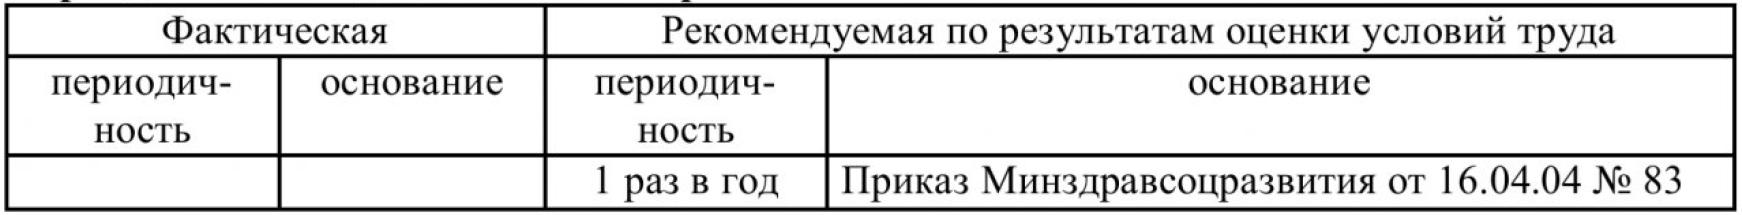 Таблица 3 – Оценка необходимости прохождения медицинского осмотра на примере АРМ электрогазосварщика